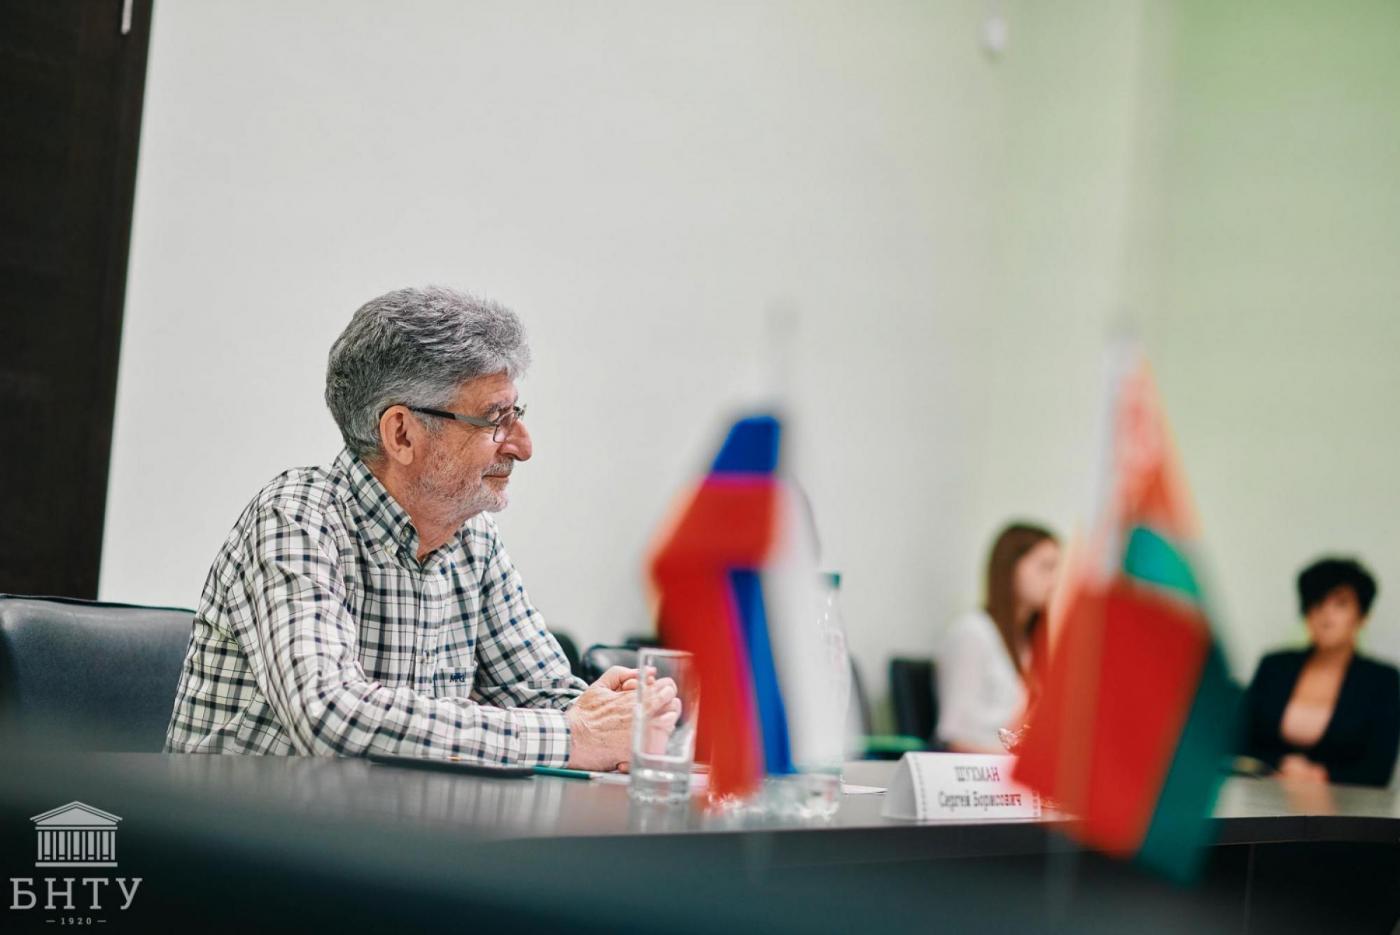 Профессор МАДИ посетил БНТУ